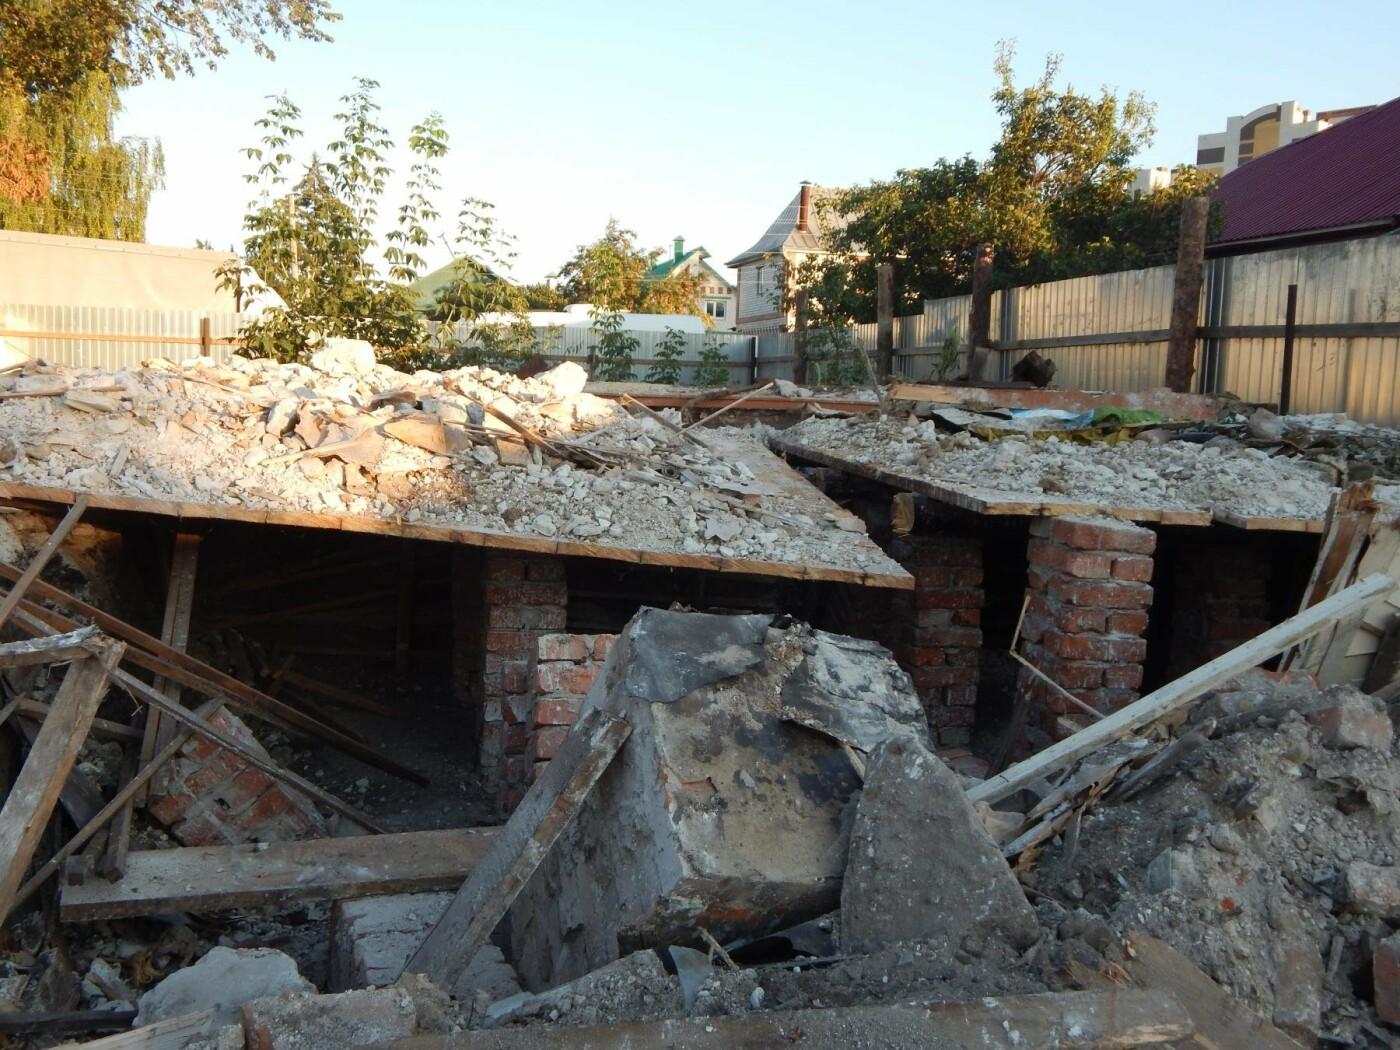 В «южном» квартале, который выступил против застройки многоэтажками, снесли первый дом, фото-2